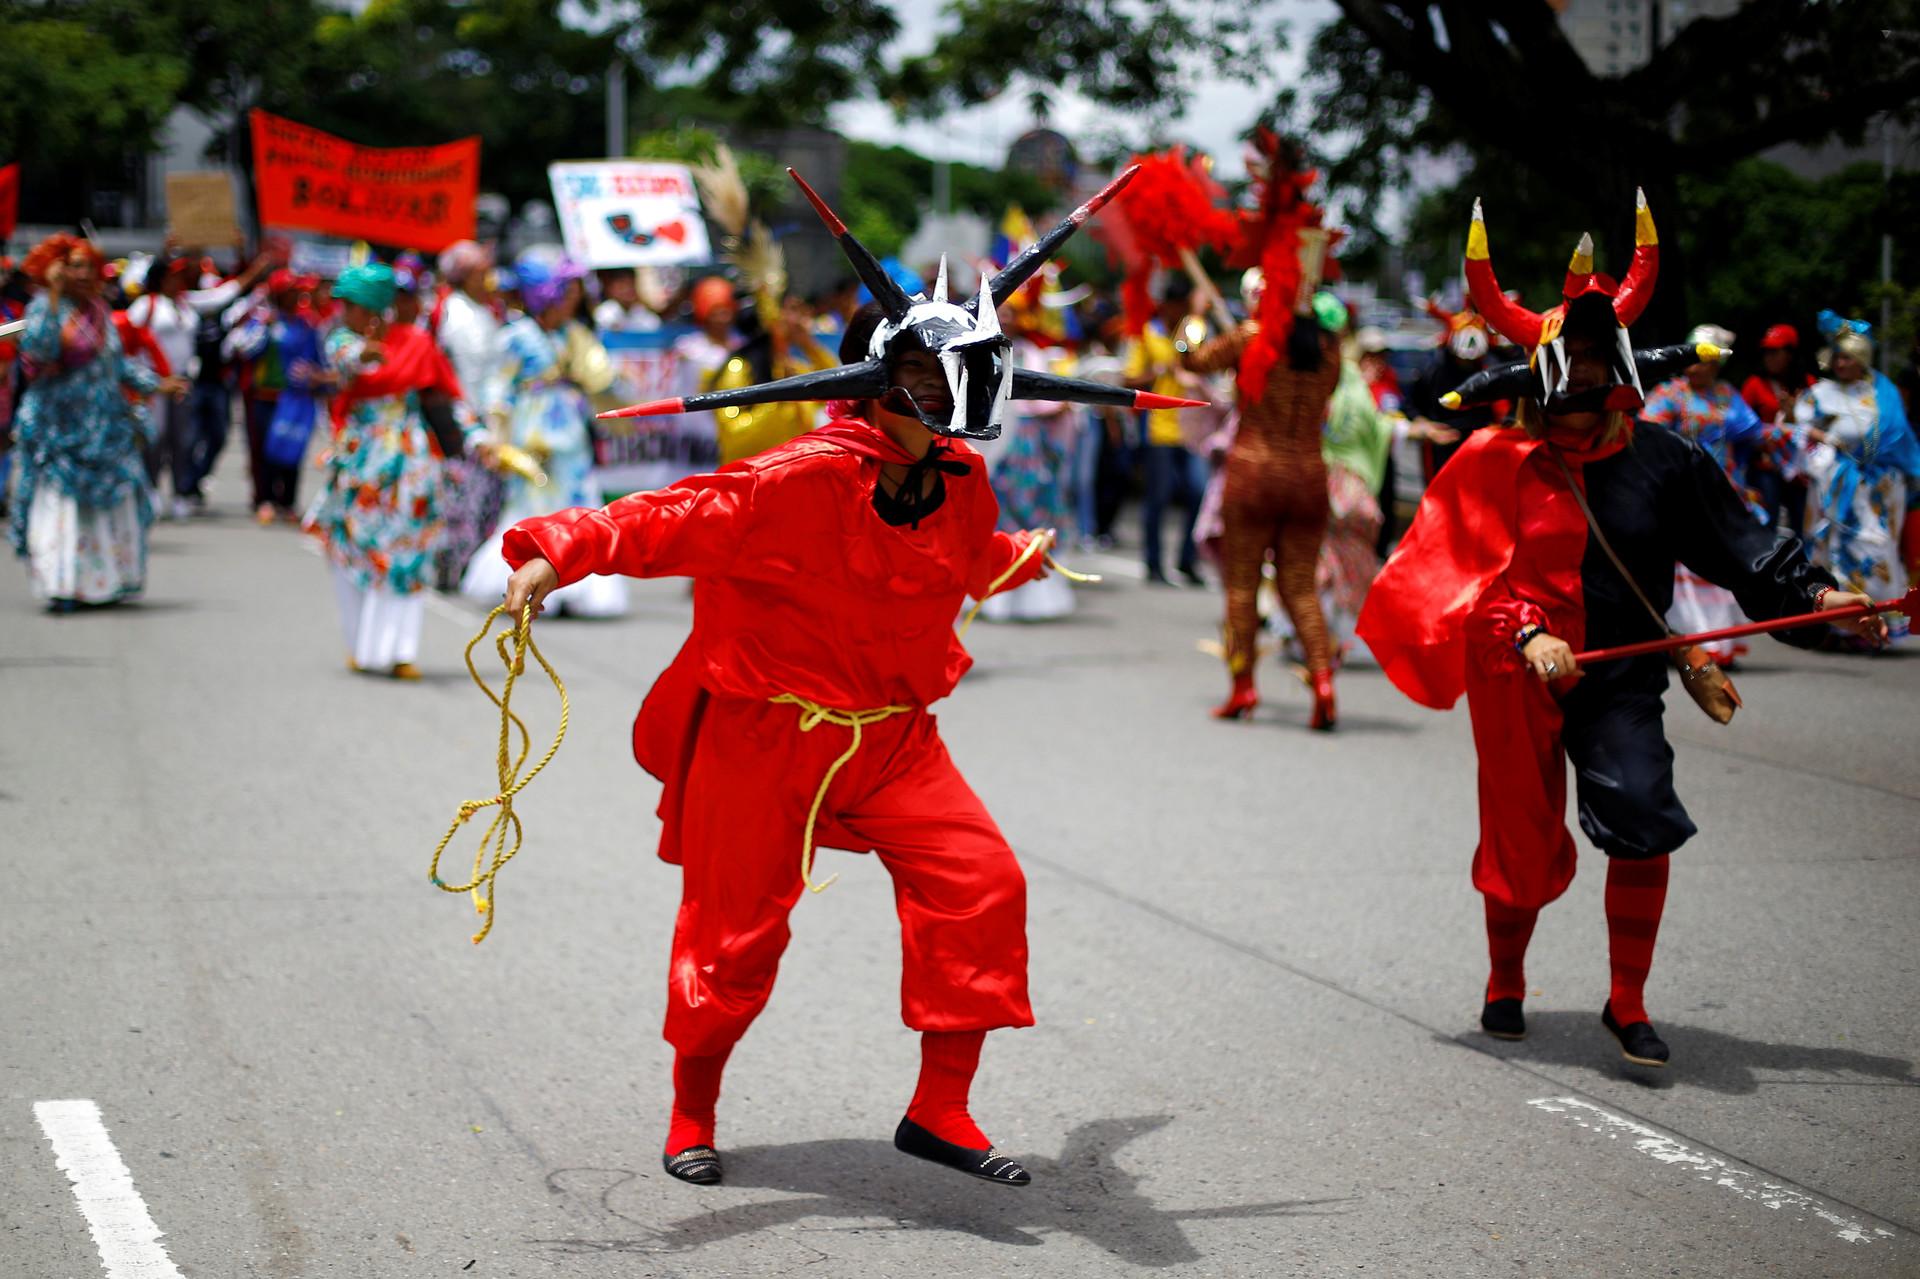 Presentación de baile por parte de funcionarios del sector educativo durante una manifestación a favor del gobierno en Caracas, Venezuela. 14 de junio de 2016.